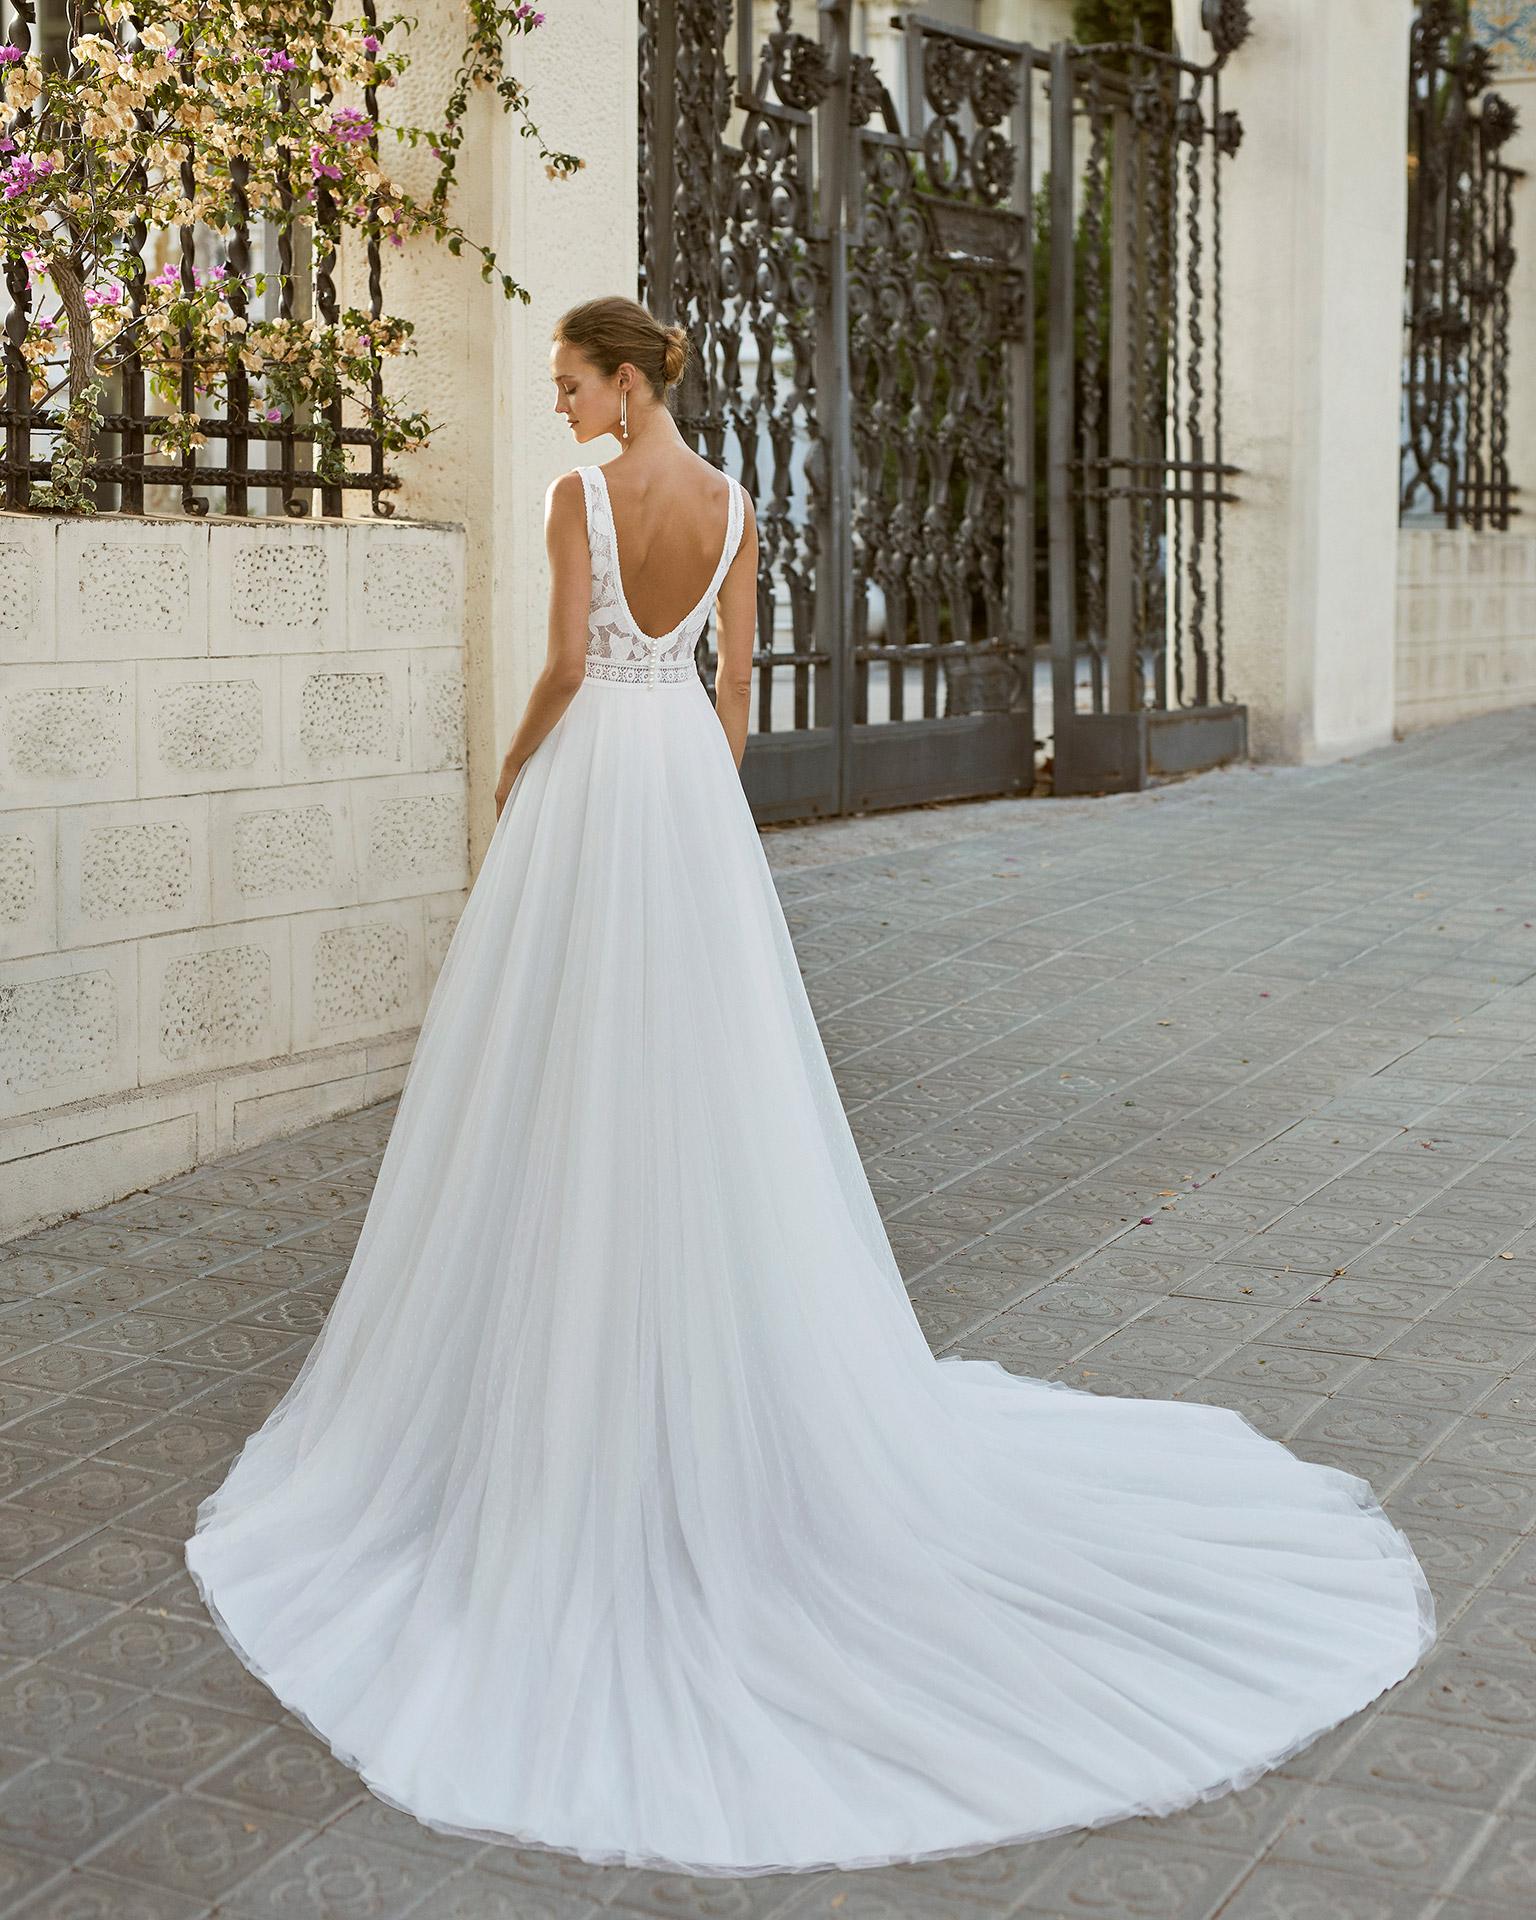 Vestido de novia de estilo romántico, tul plumetti y encaje. Escote deep plunge y espalda escotada. Colección  2022.